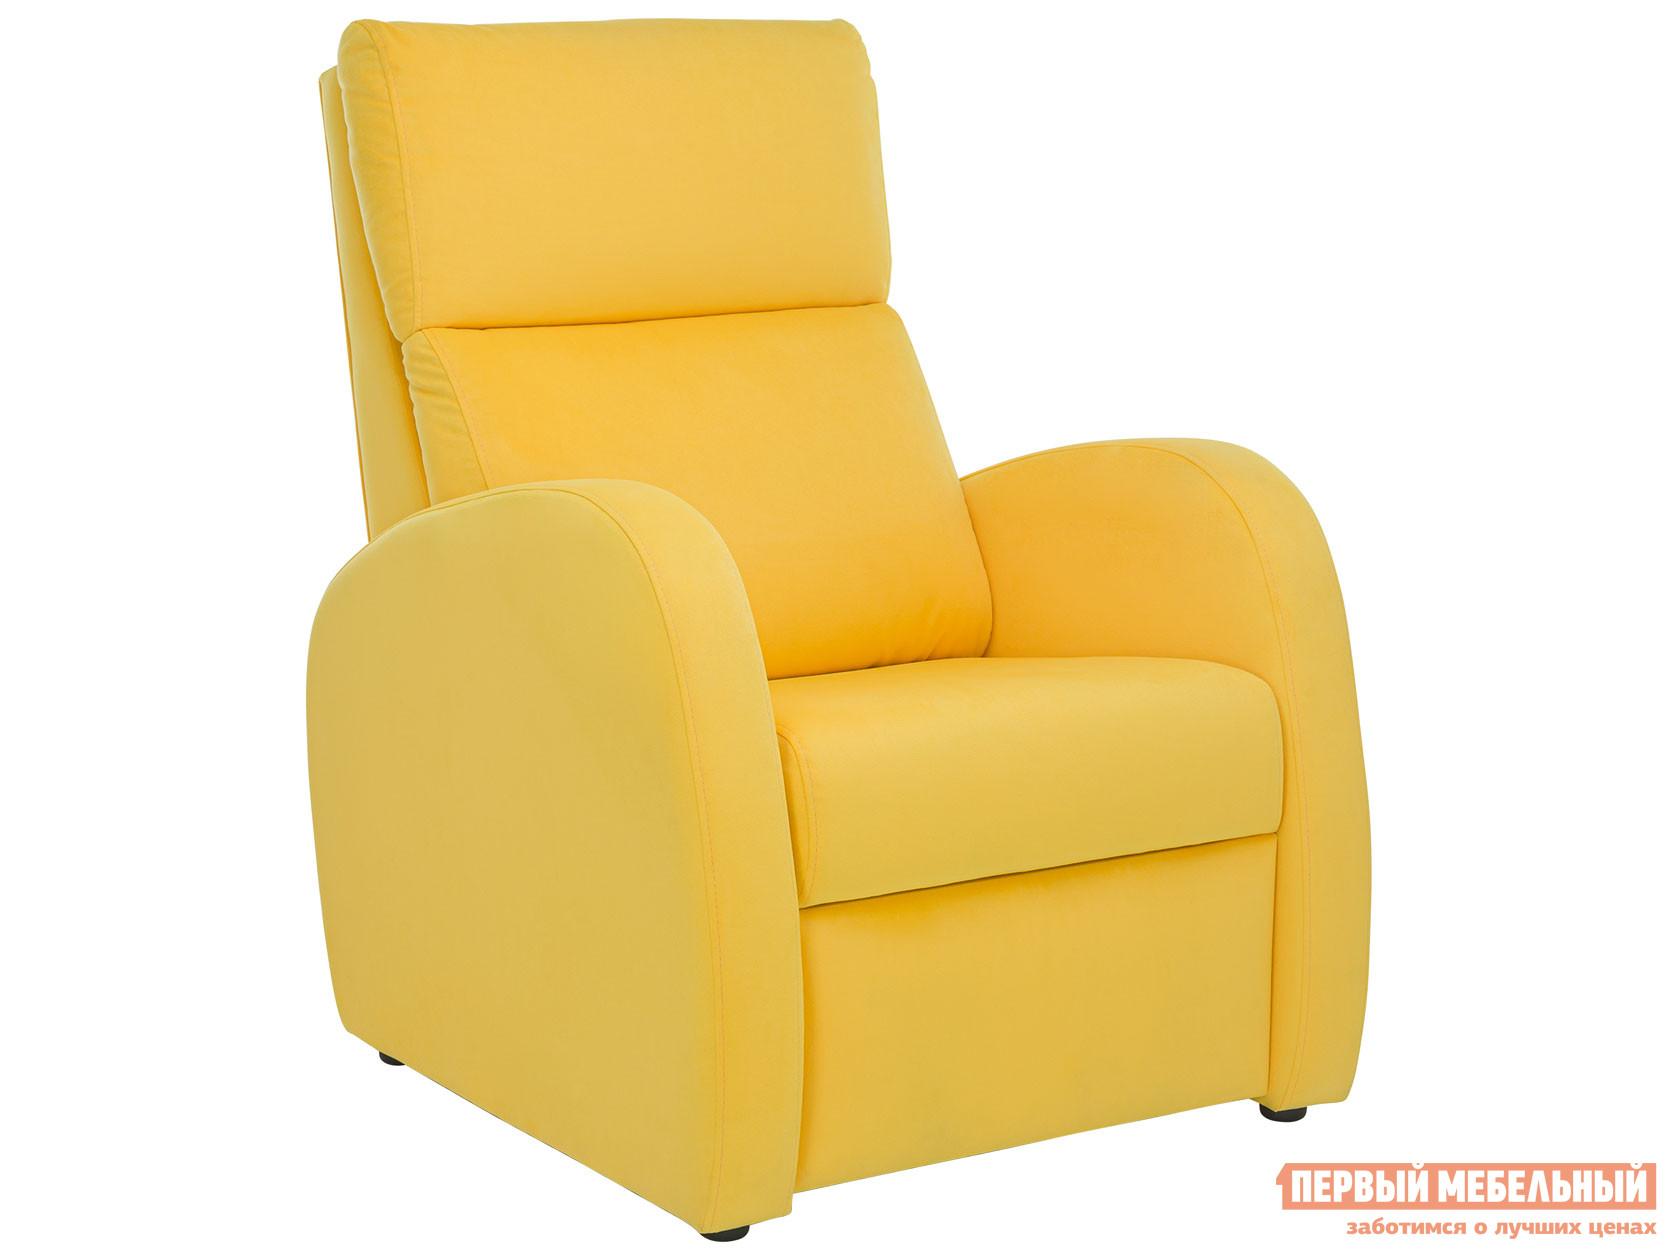 Кресло-реклайнер Первый Мебельный Кресло реклайнер Грэмми-1 кресло первый мебельный болеро